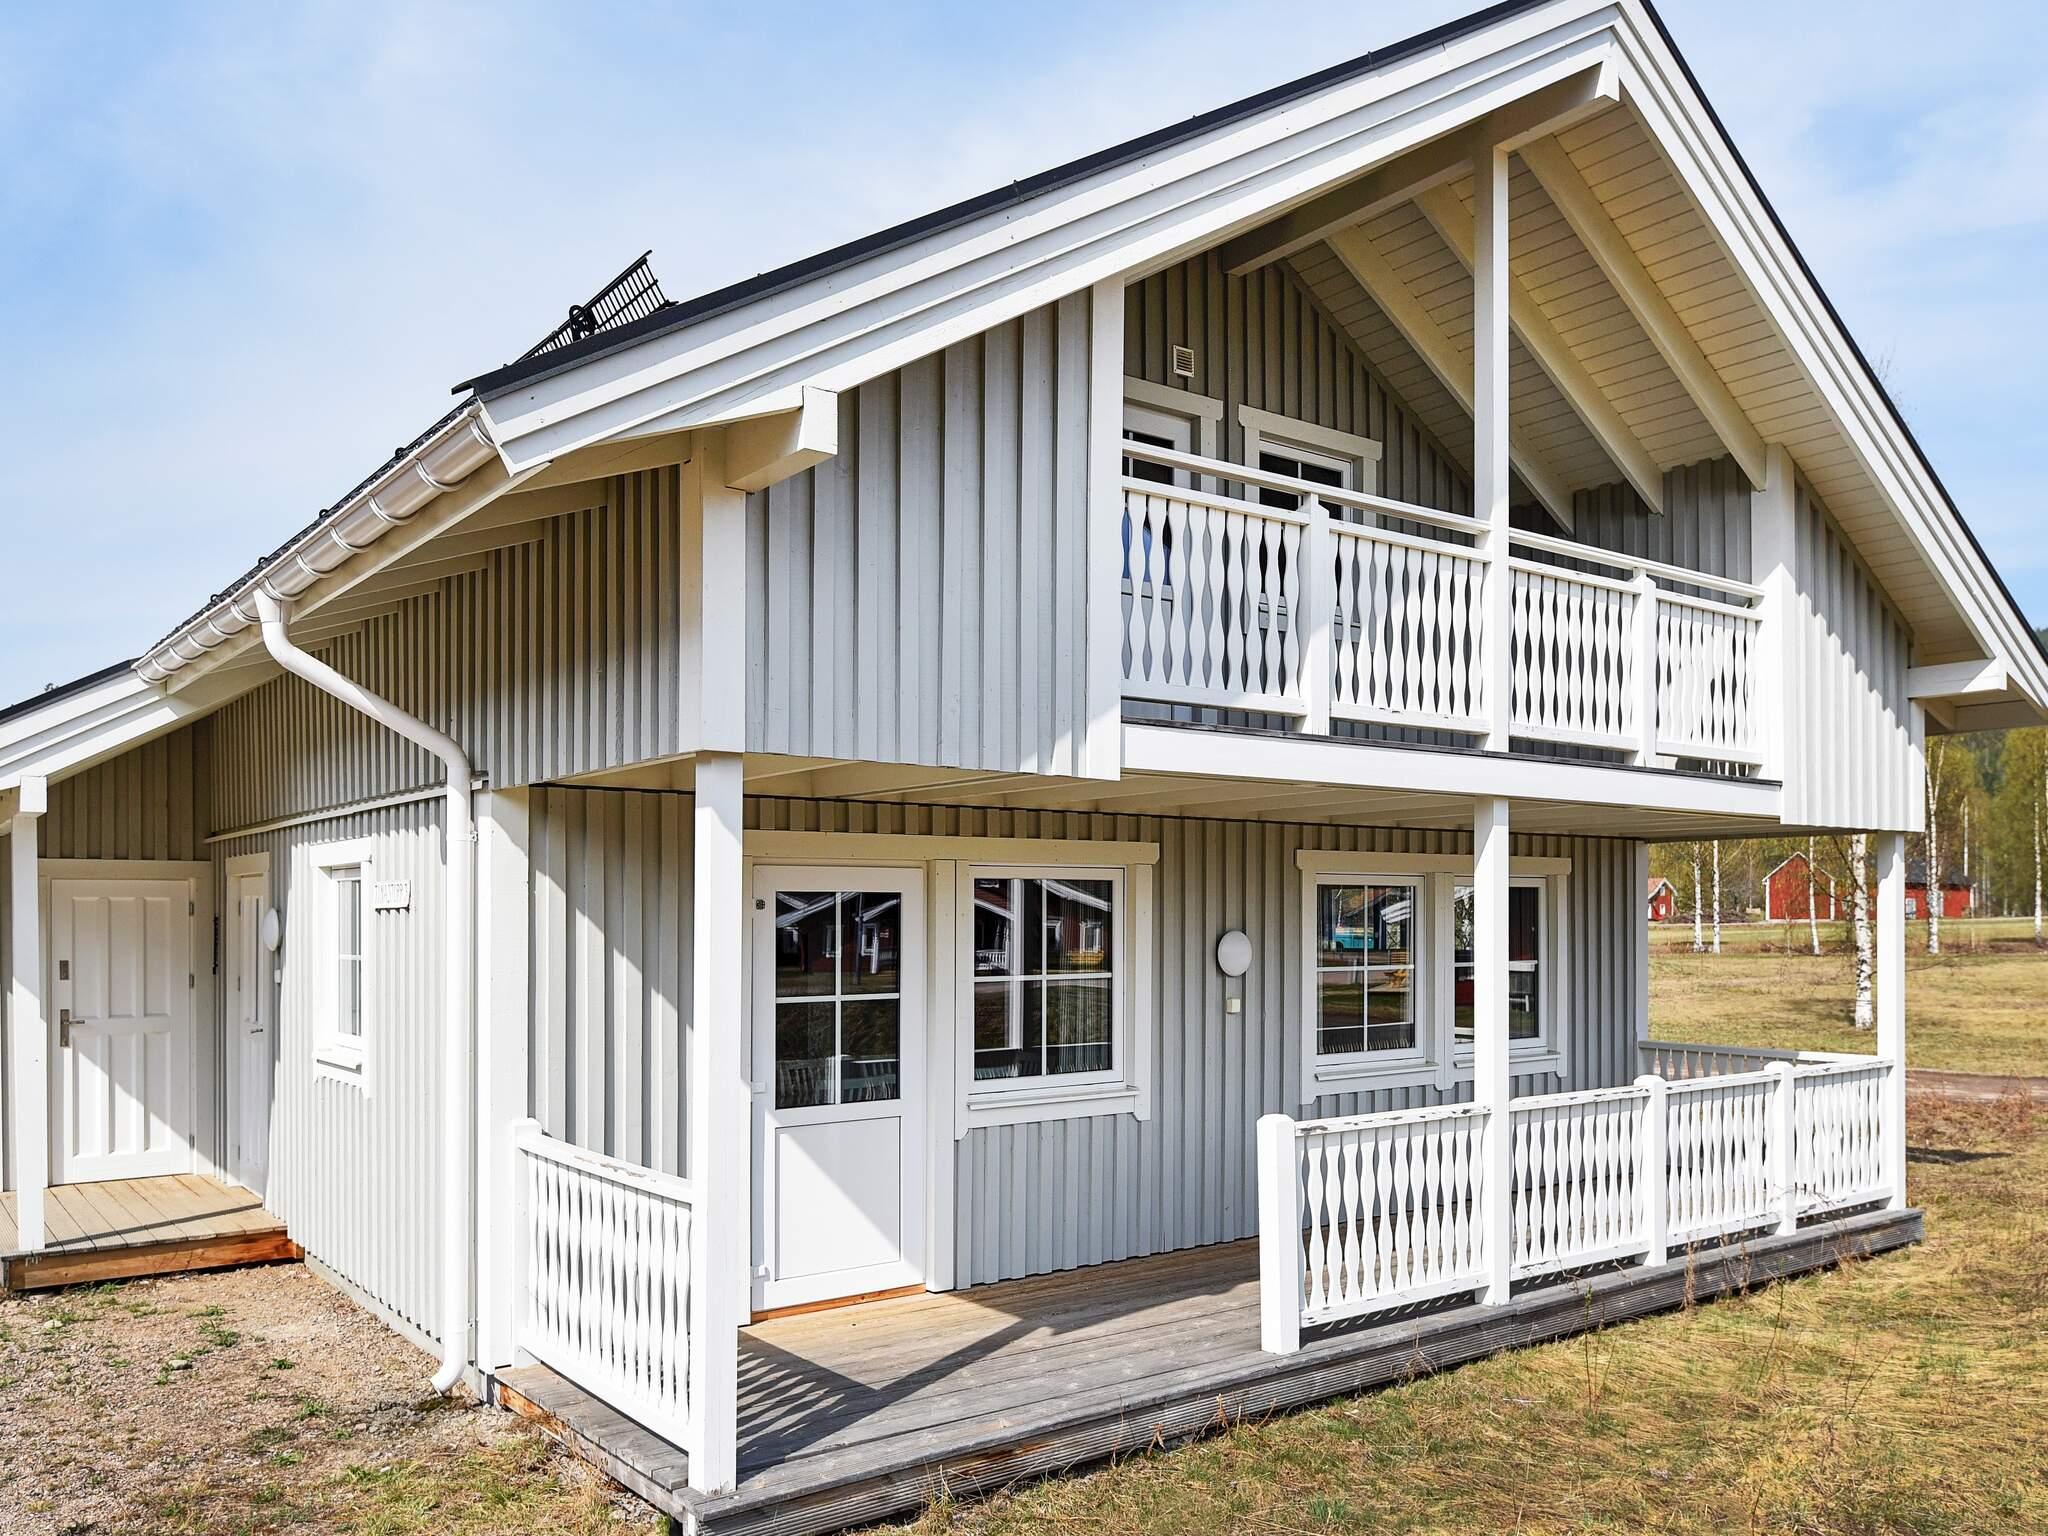 Ferienhaus Sysslebäck (2617883), Sysslebäck, Värmlands län, Mittelschweden, Schweden, Bild 1